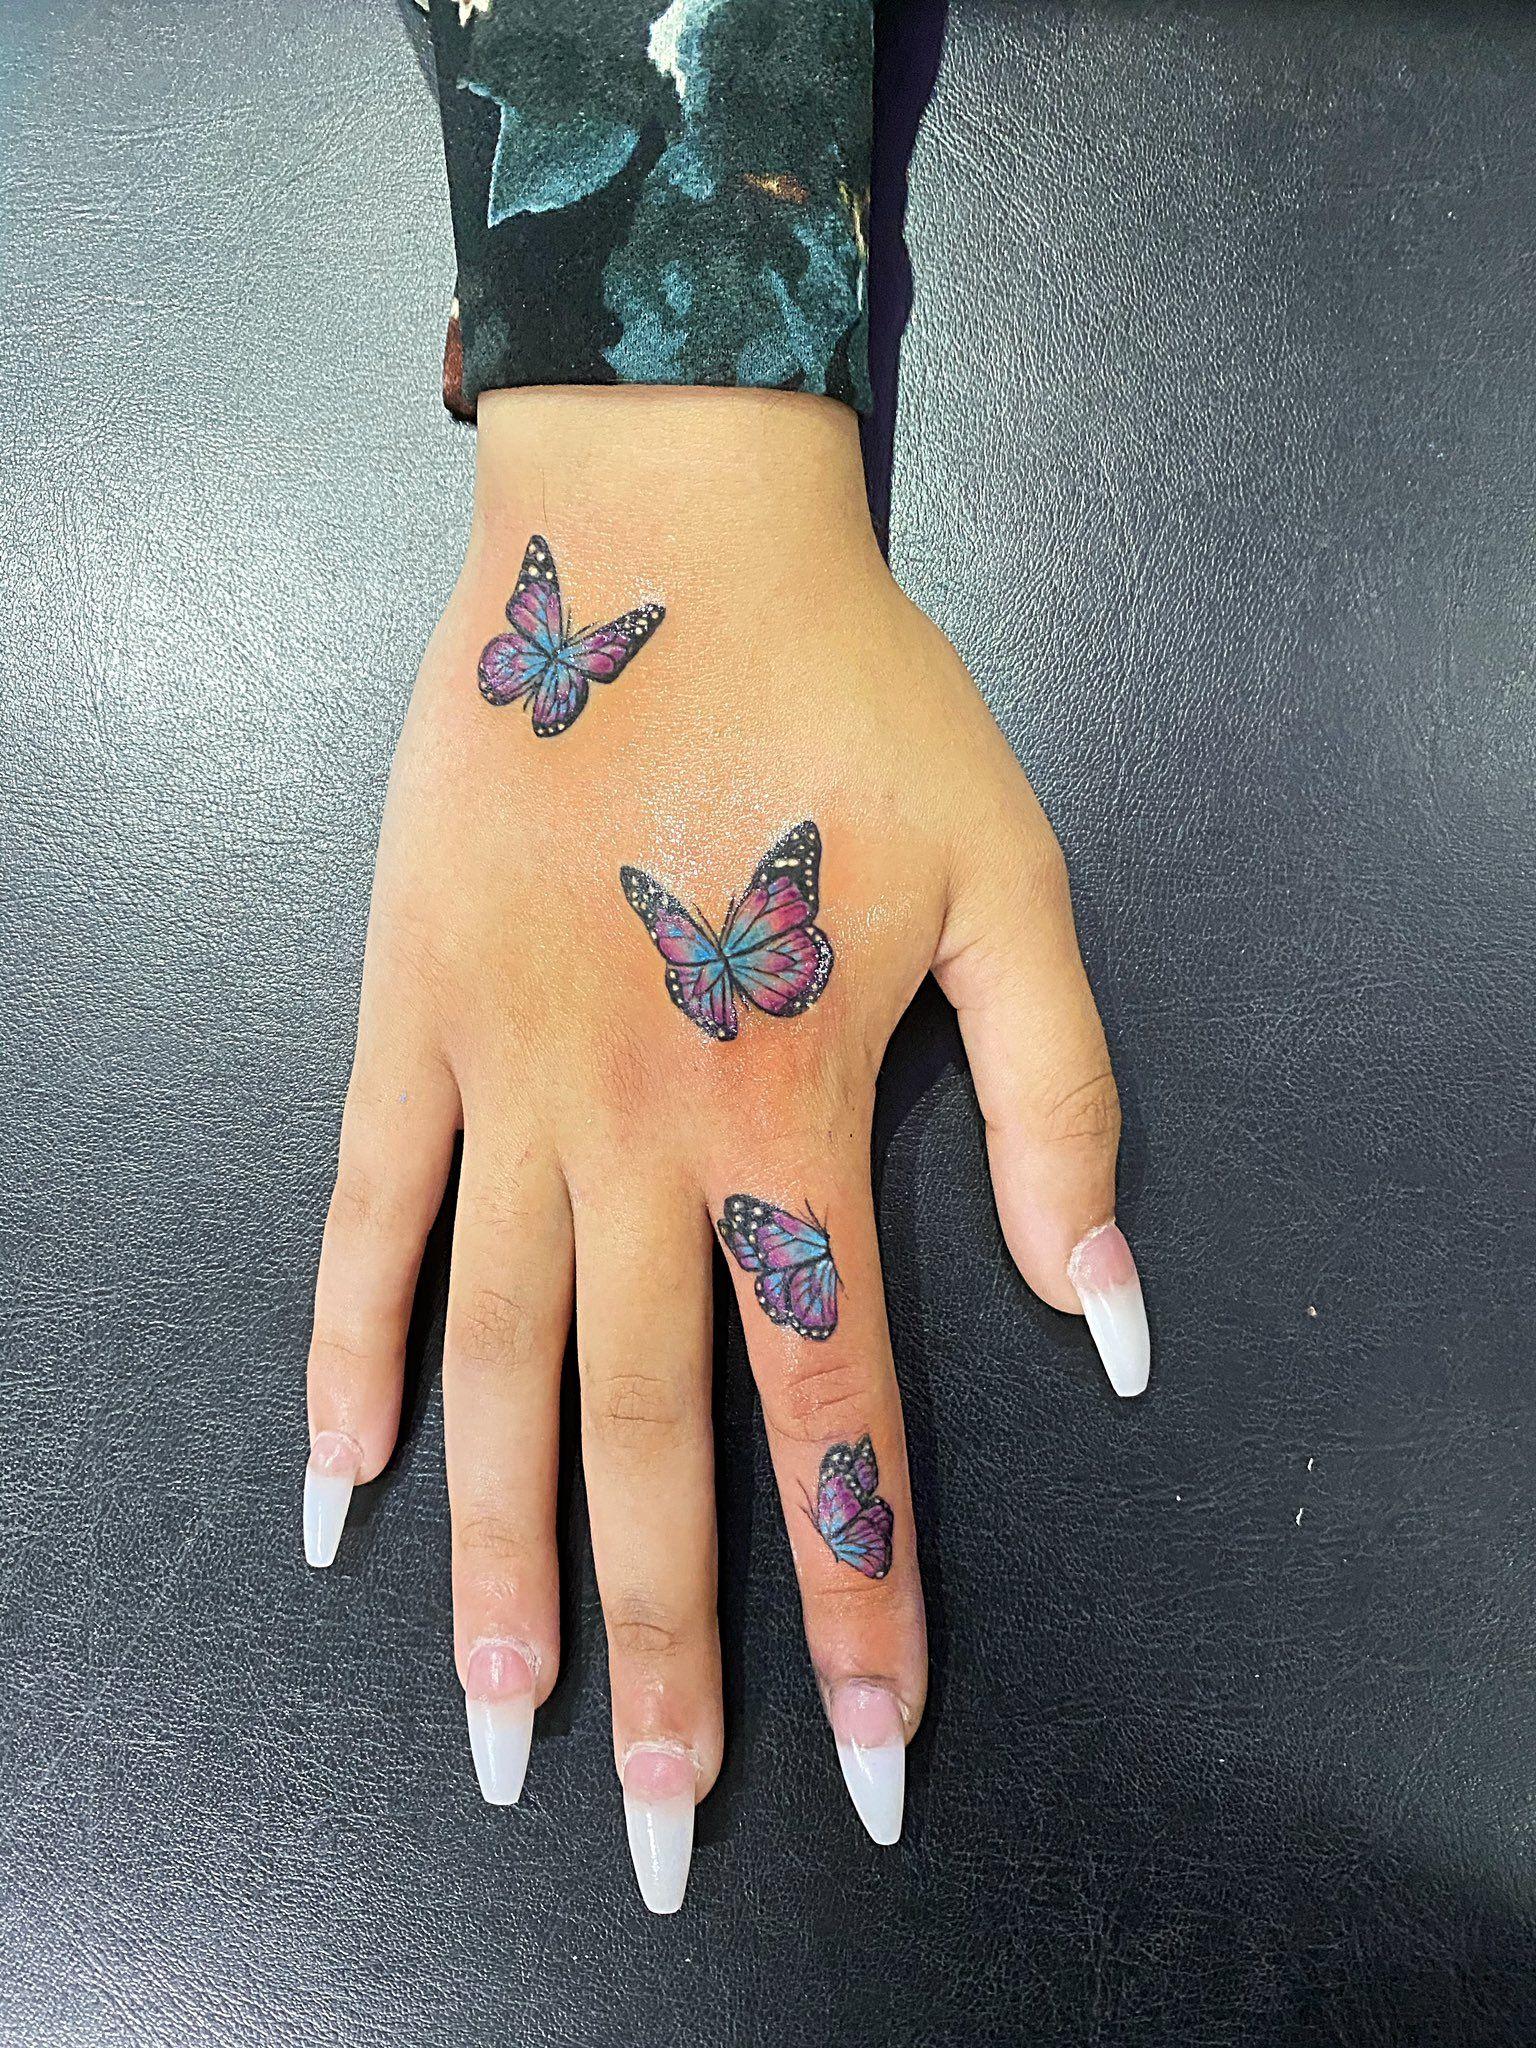 Tattoo Artist On Twitter Cute Hand Tattoos Pretty Hand Tattoos Hand Tattoos For Women